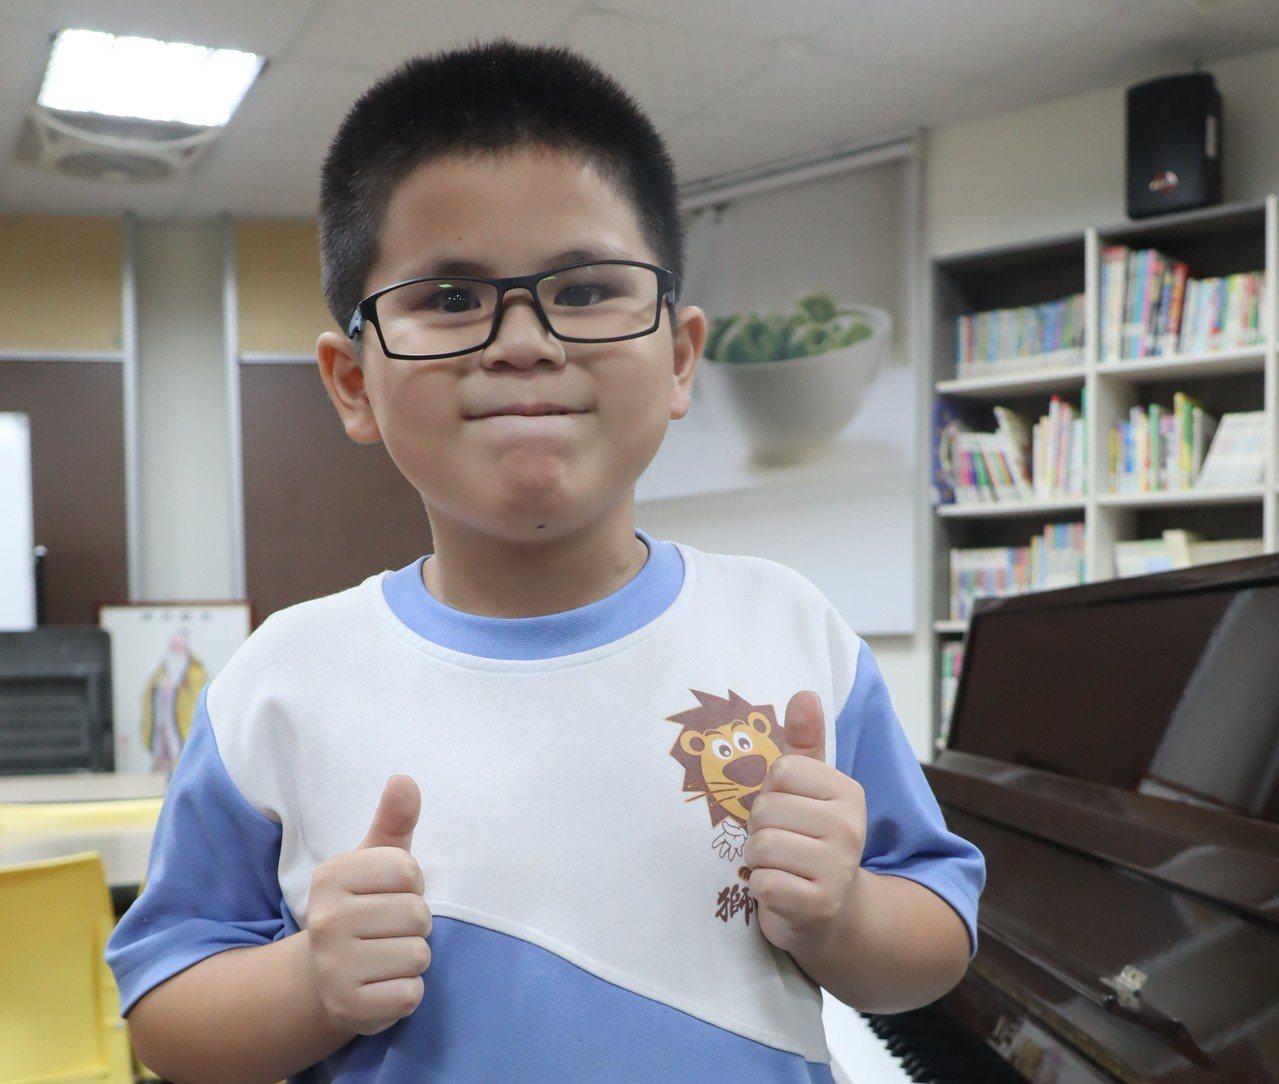 獅甲國小三年級全盲生羅柏勛未來想當總統,才有力量幫助更多需要幫助的人。記者徐如宜...